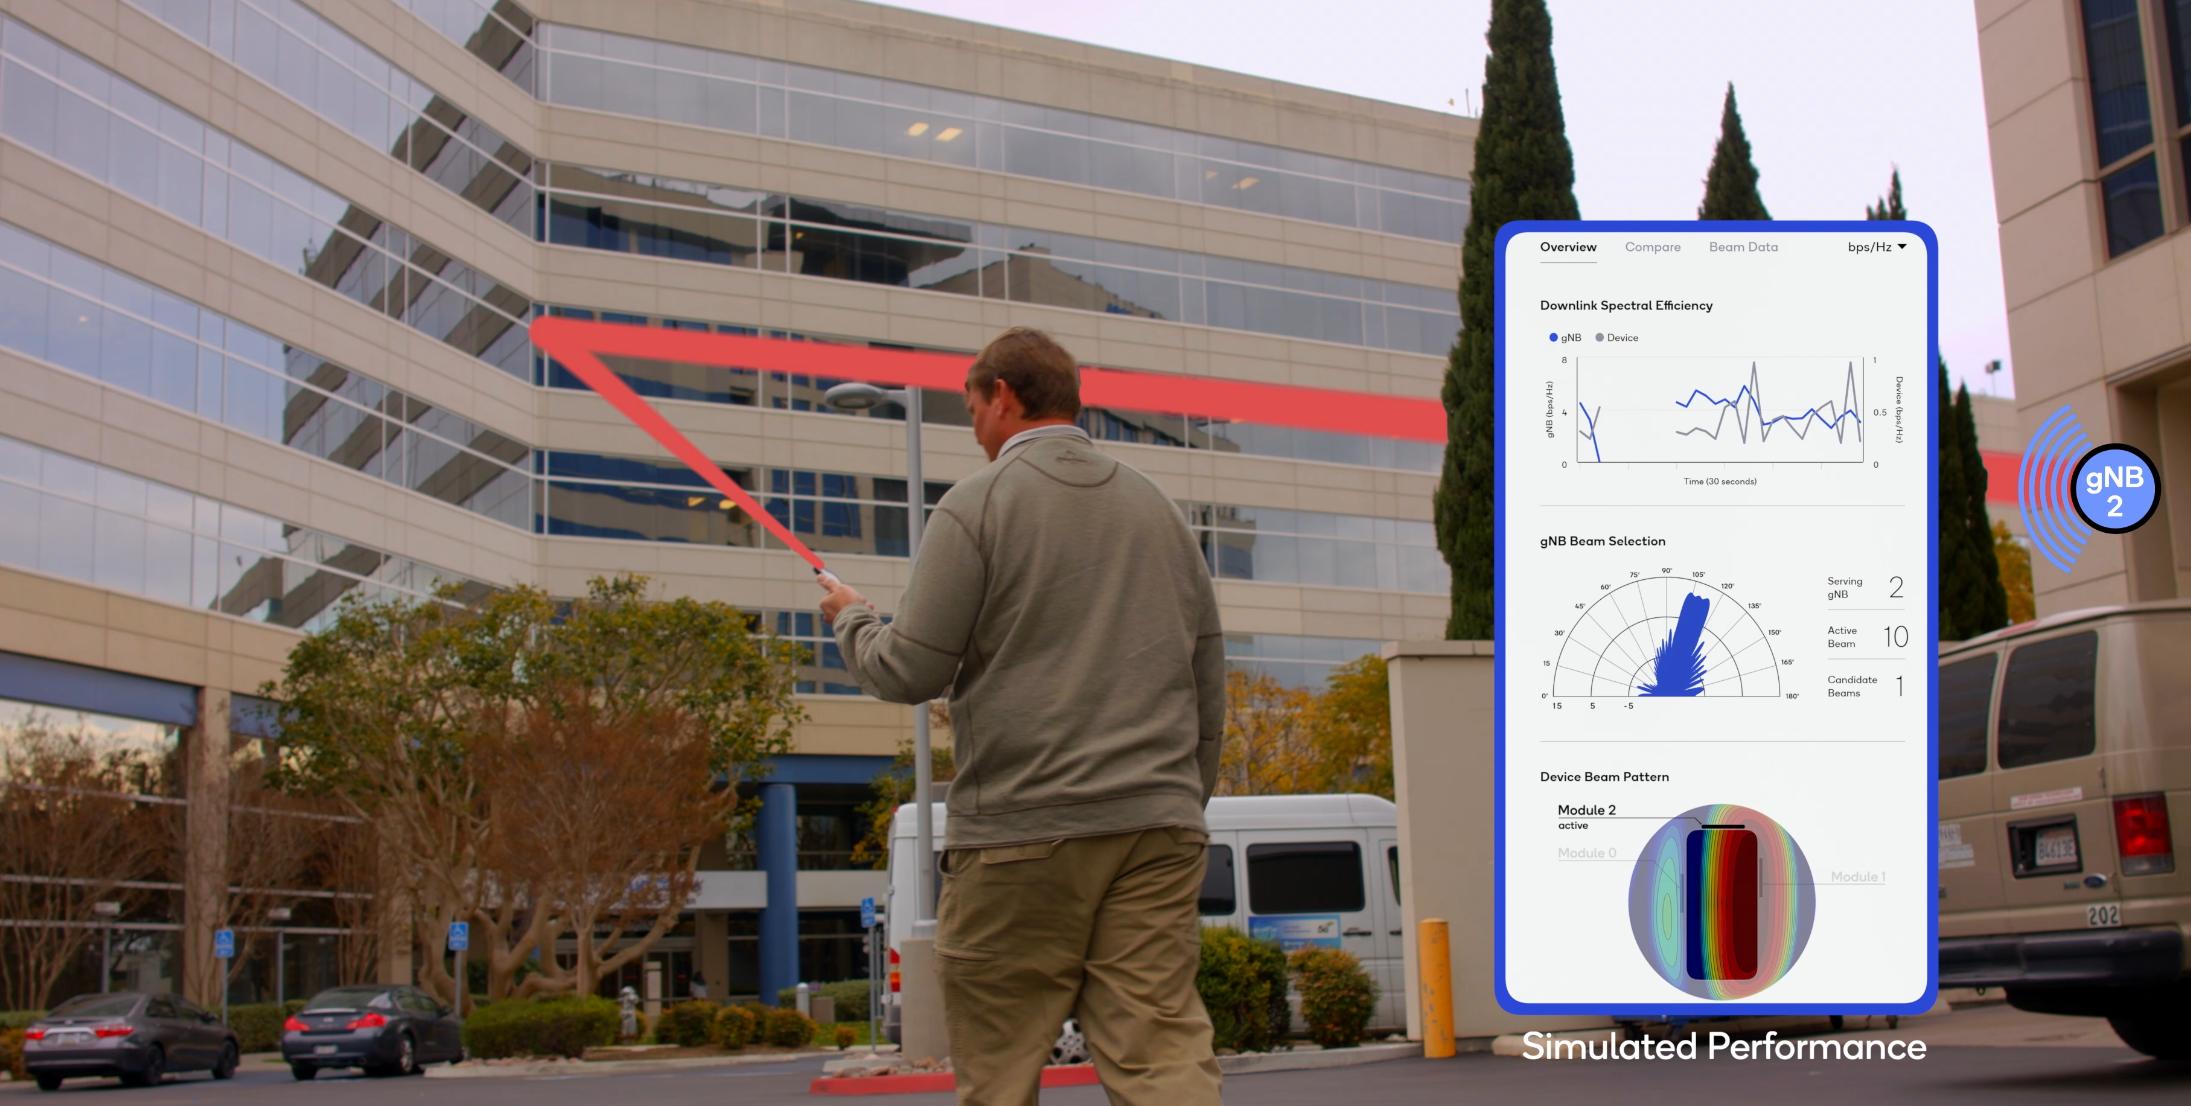 Разбираемся, как 5G будет работать в миллиметровом диапазоне на улице и в помещениях - 9